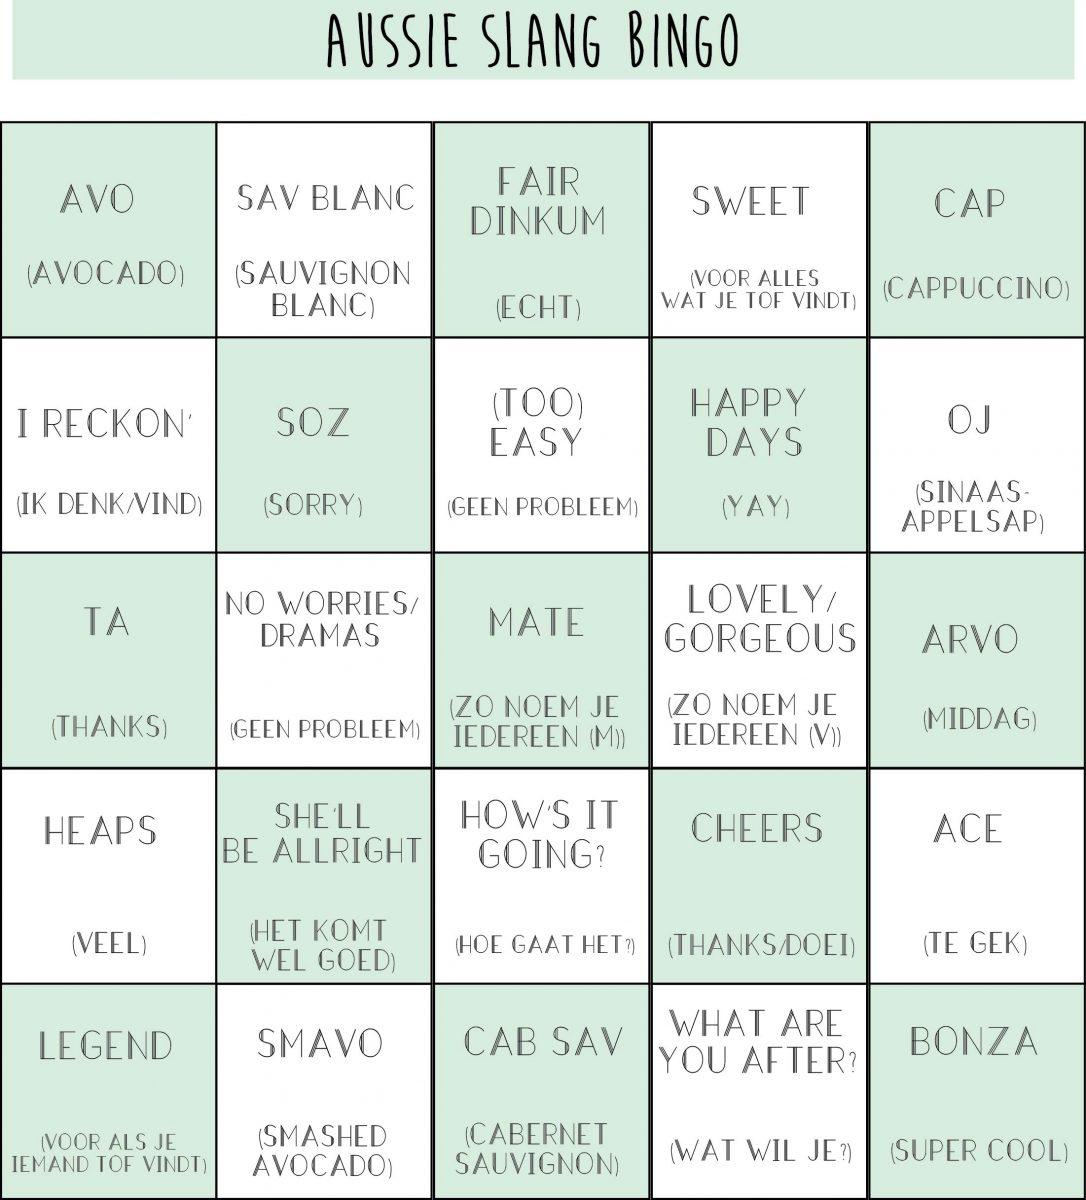 Aussie slang bingo